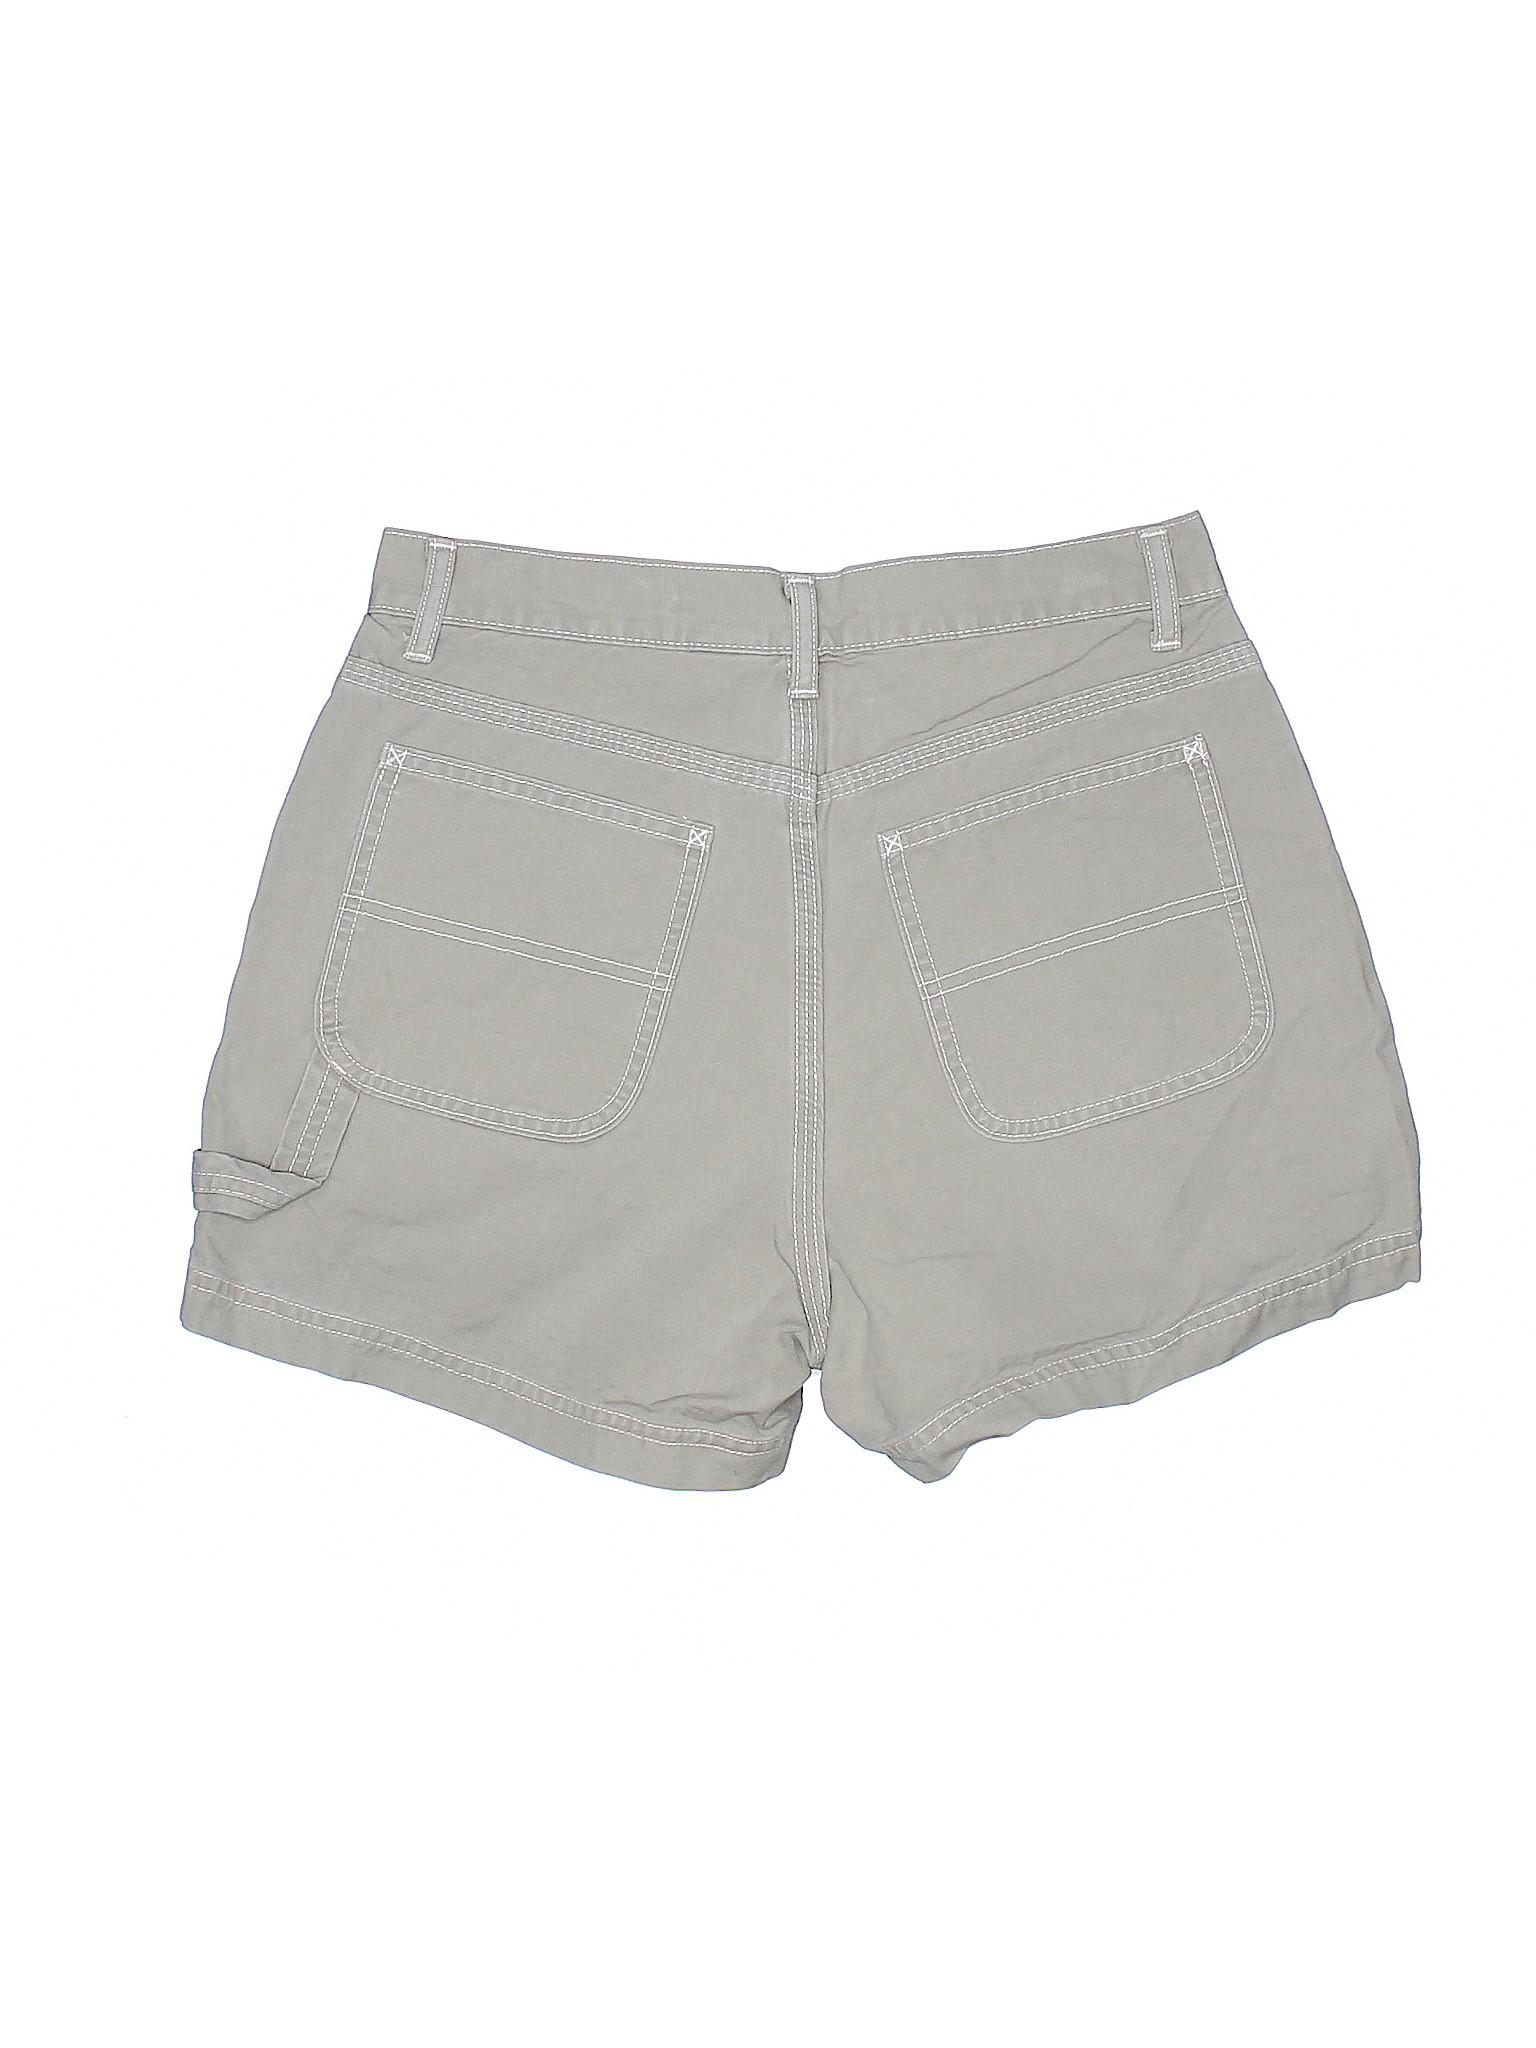 Khaki Boutique Boutique Gap Gap Shorts 8qXBH